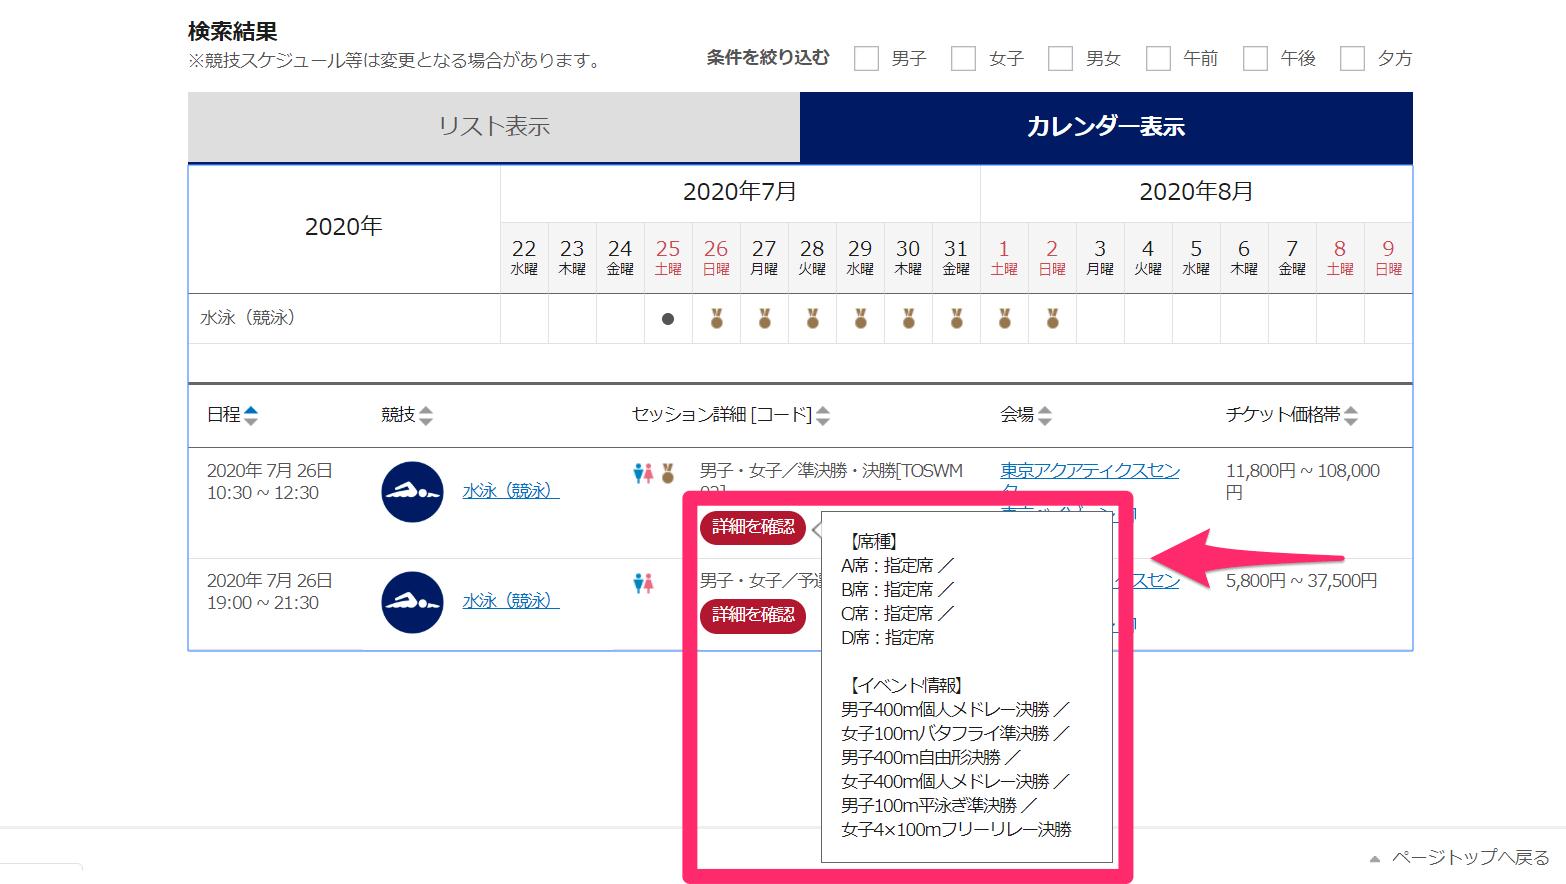 【東京オリンピック】観戦チケットの第2次抽選がスタート! 第1次抽選との違いを知って当選を目指そう